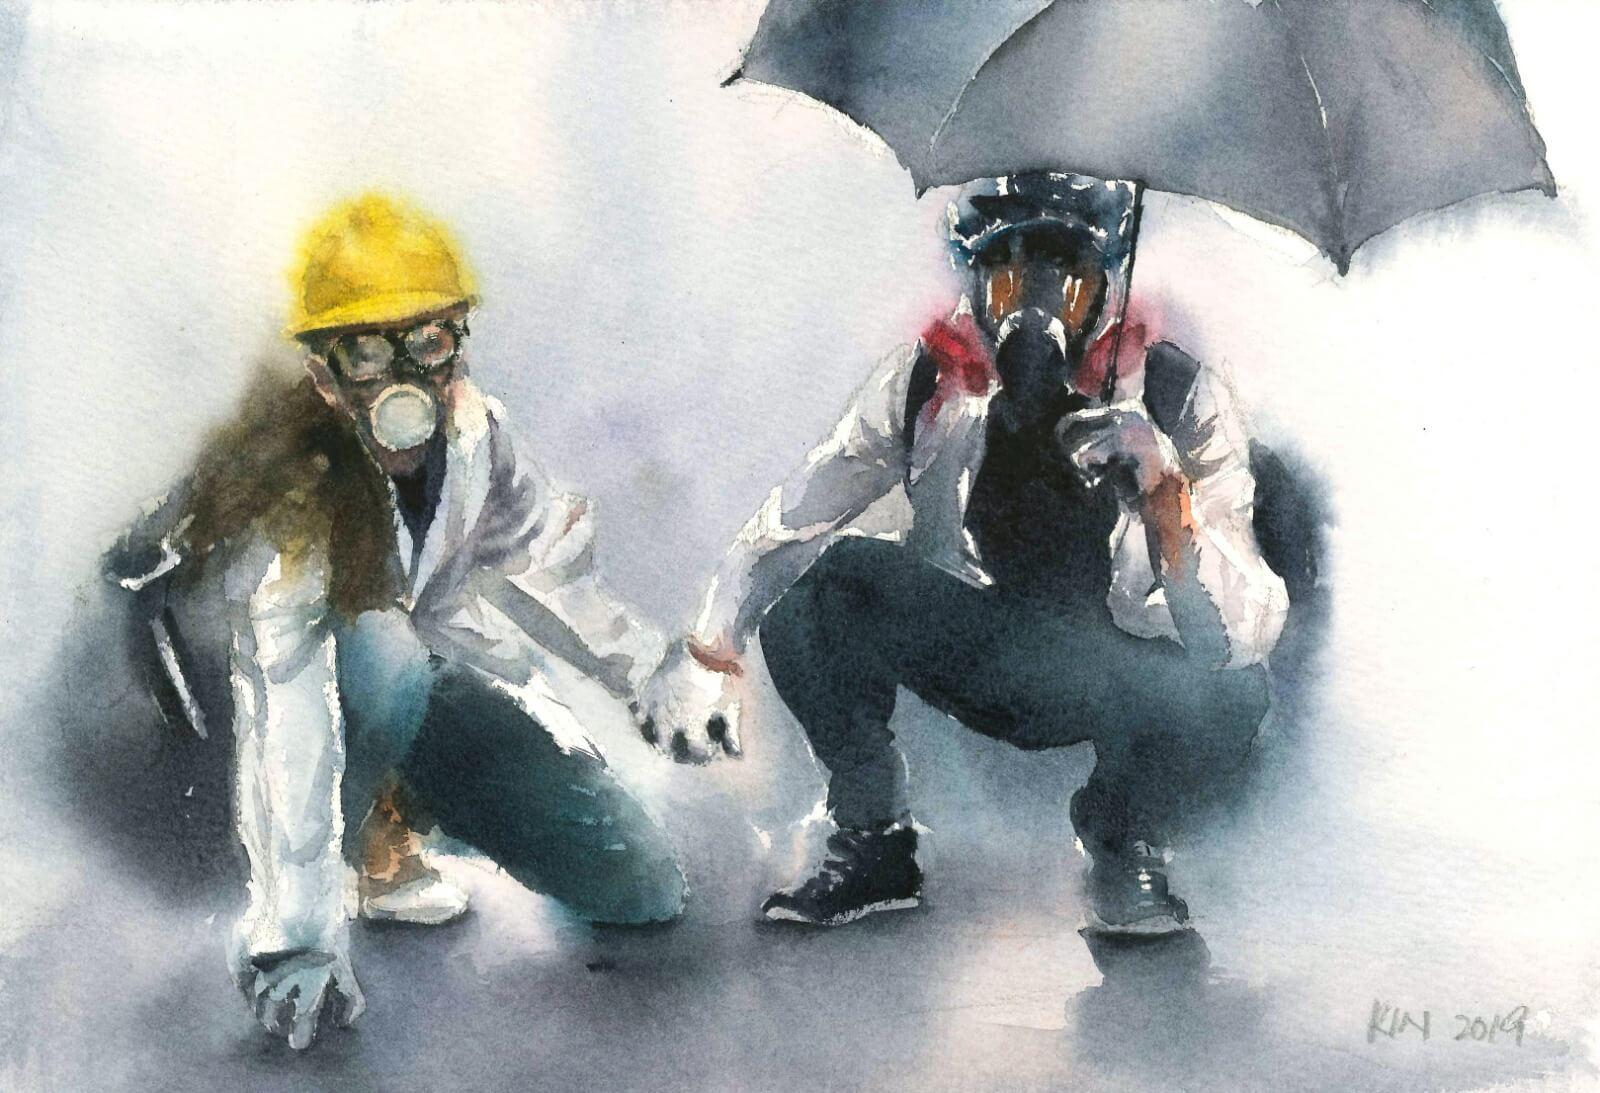 2019年12月,團體在巴黎舉行反送中展覽,馮健勳挑選了一對前線情侶的畫作送展。